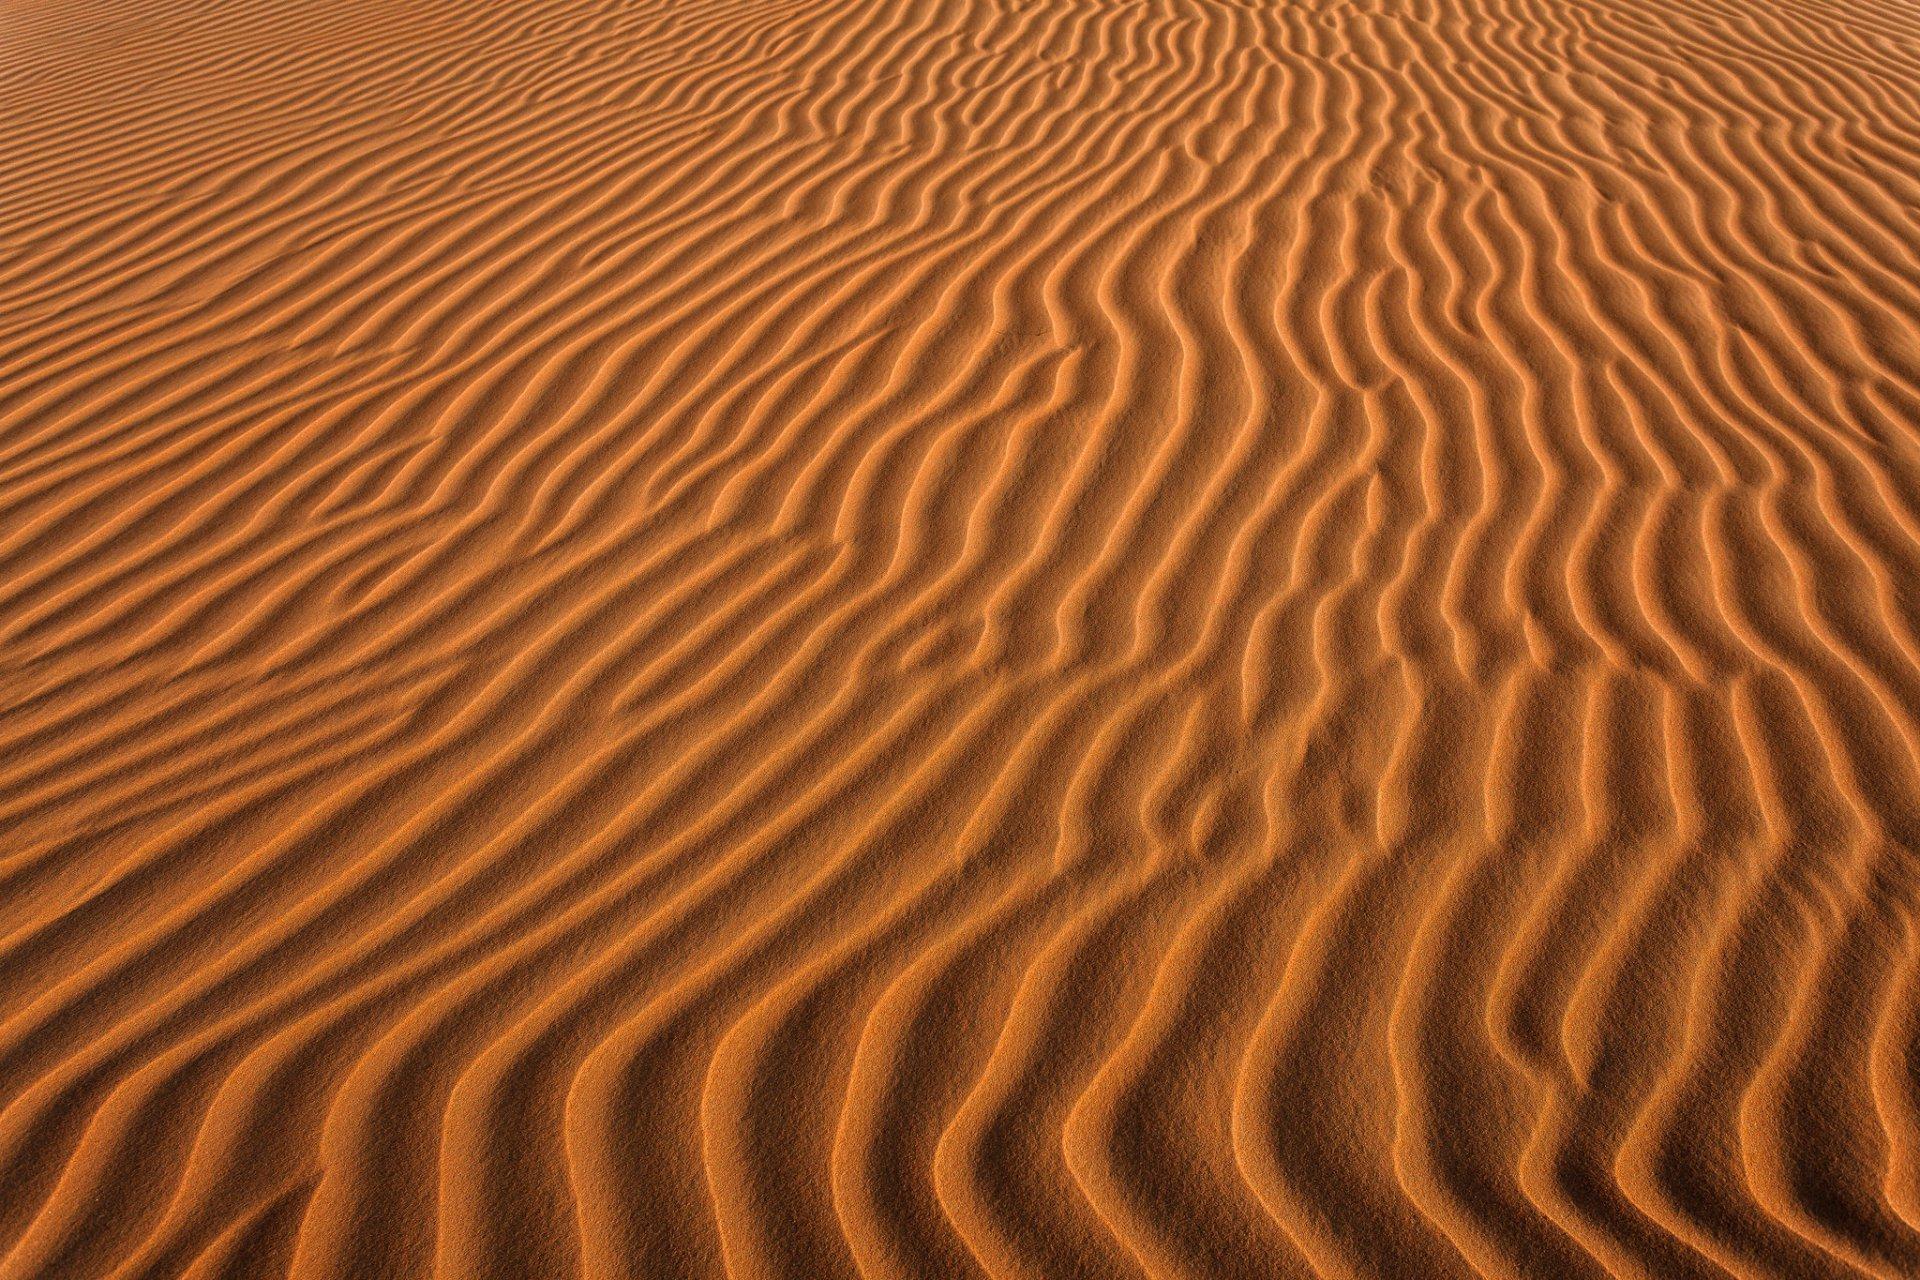 desert sand waves nature HD wallpaper